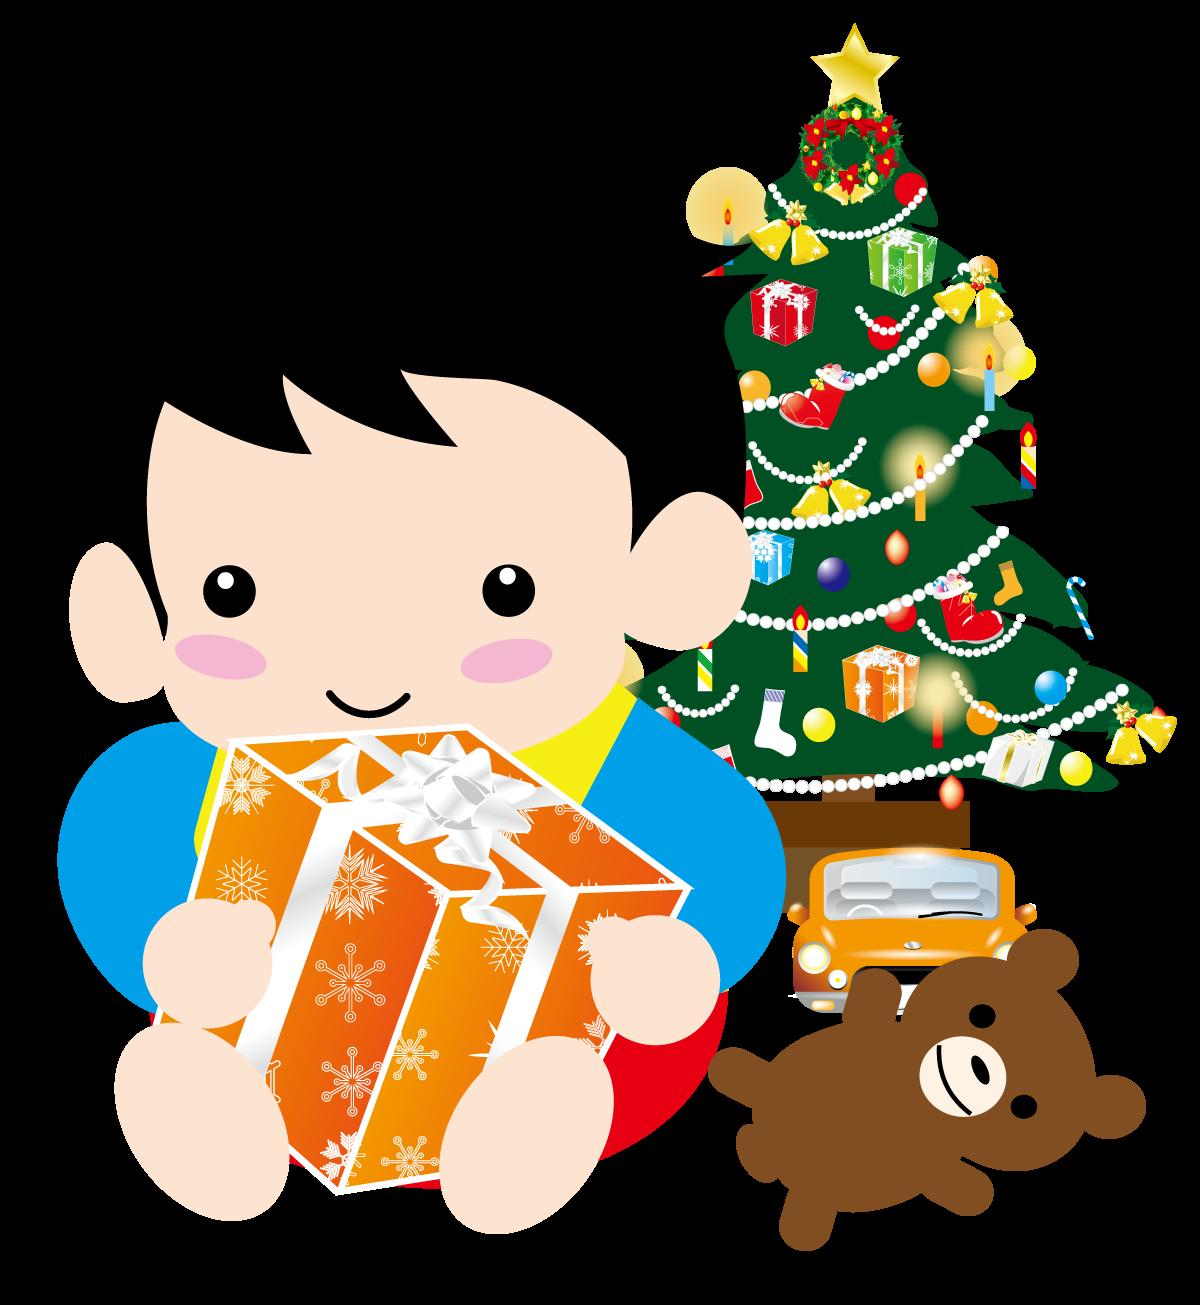 クリスマス会での幼児向けプレゼント交換の中身は?ゲームや料理で盛り上がろう♪